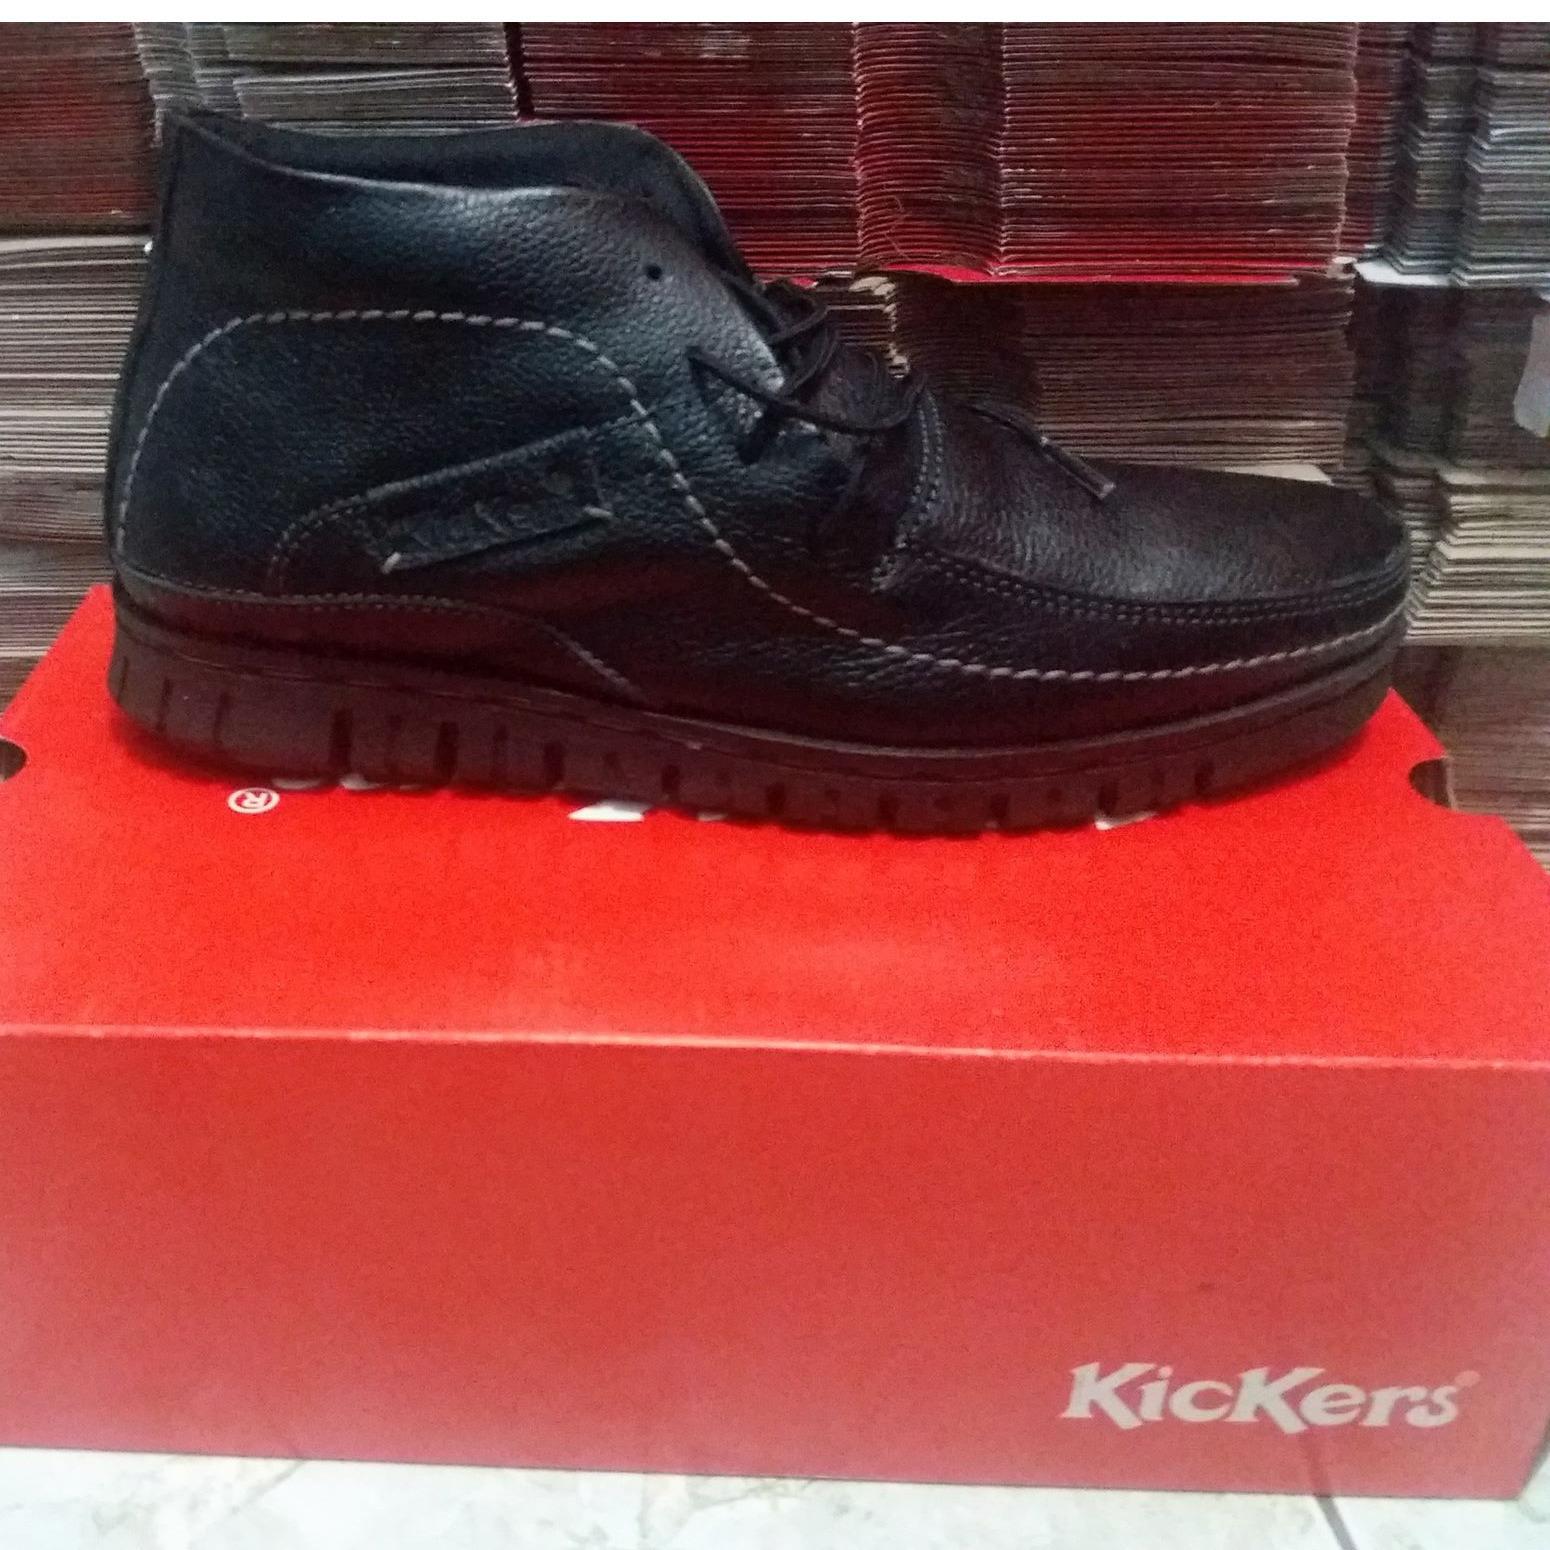 Ubercaren 0012 Brown Daftar Harga Terbaru Dan Terupdate Indonesia 0014 Blue Sepatu Boot Pria Boots Kulit Model Kickers